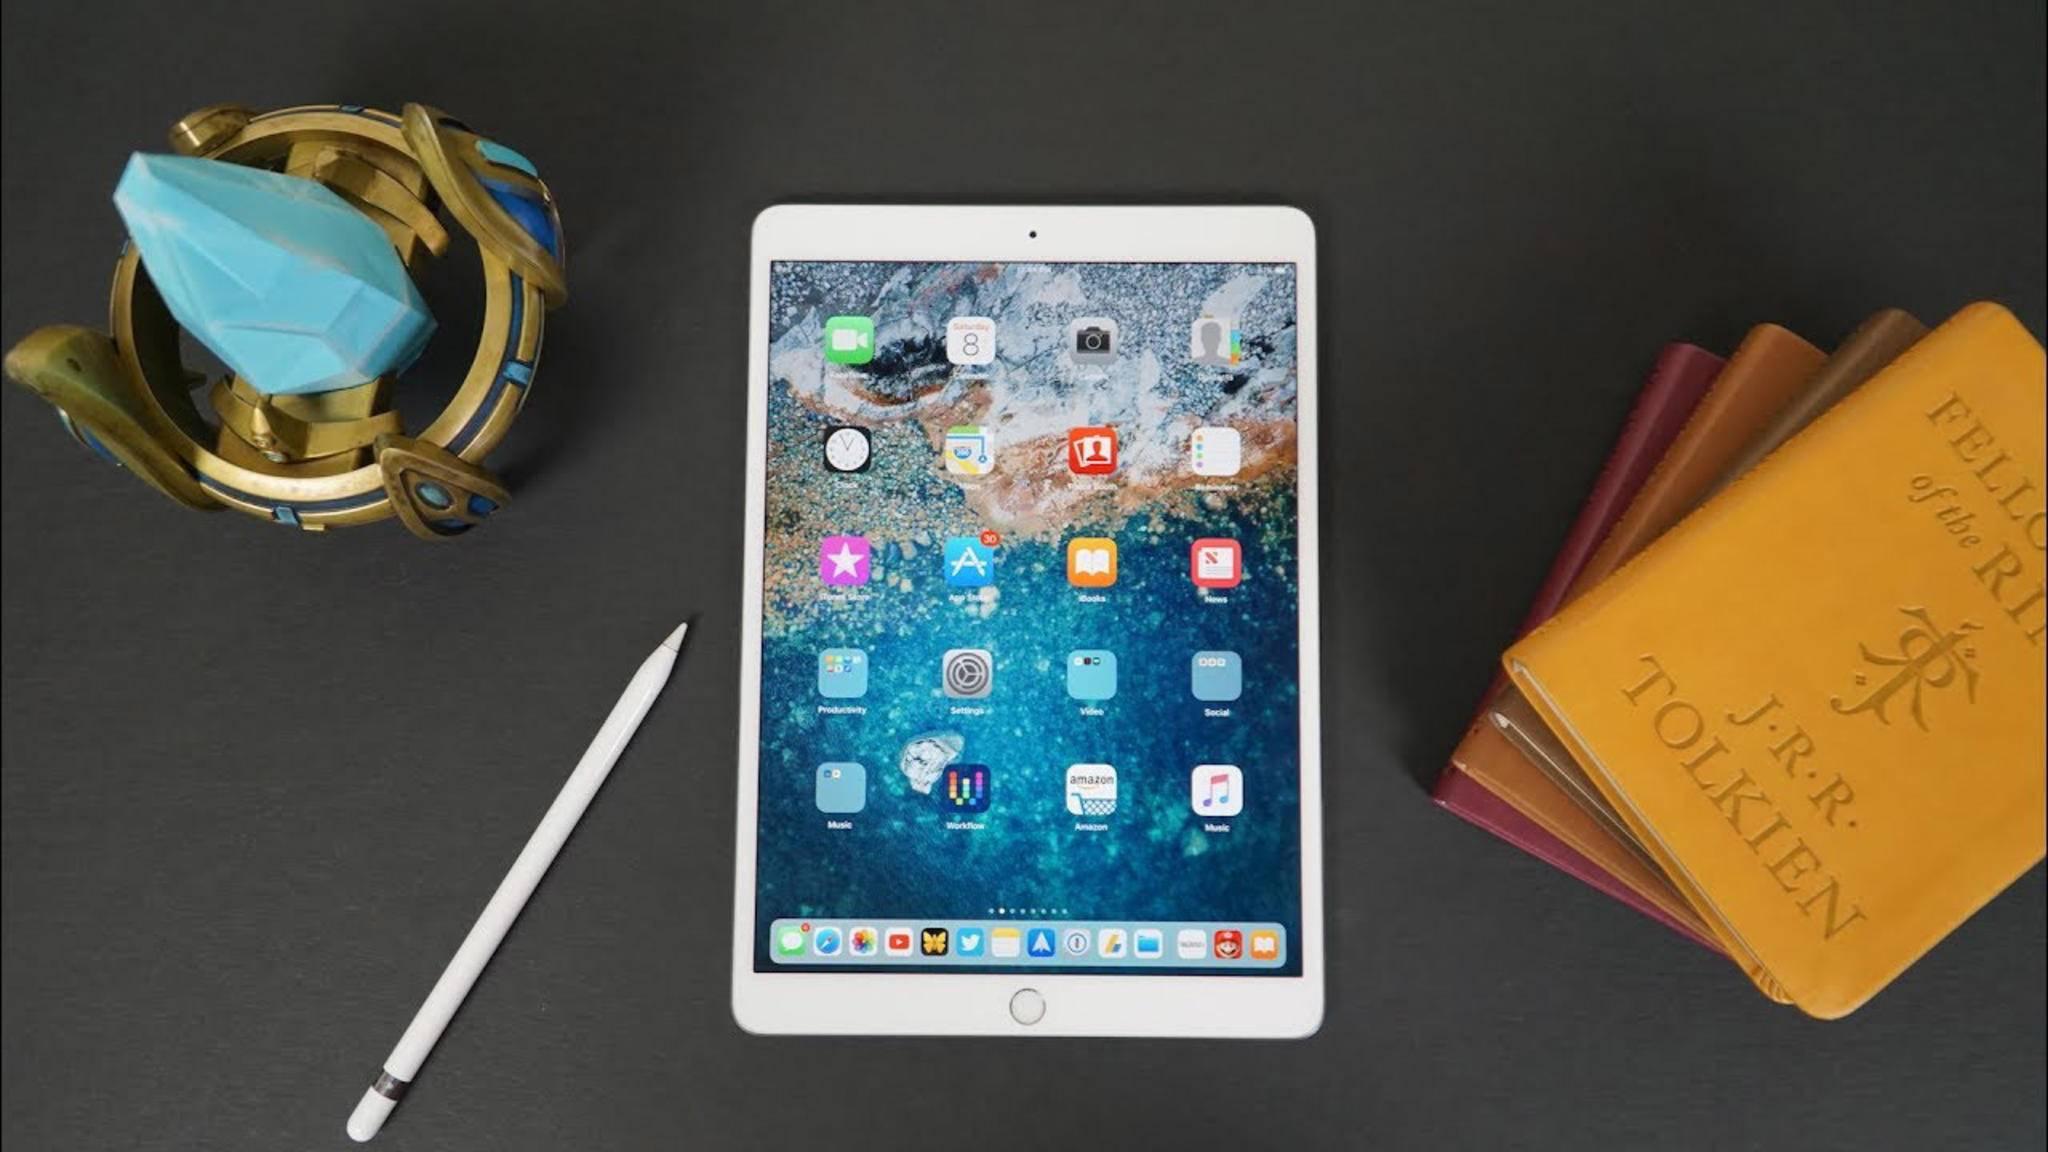 iOS 13 soll angeblich eine komplett überarbeitete Dateien-App für das iPad bringen.